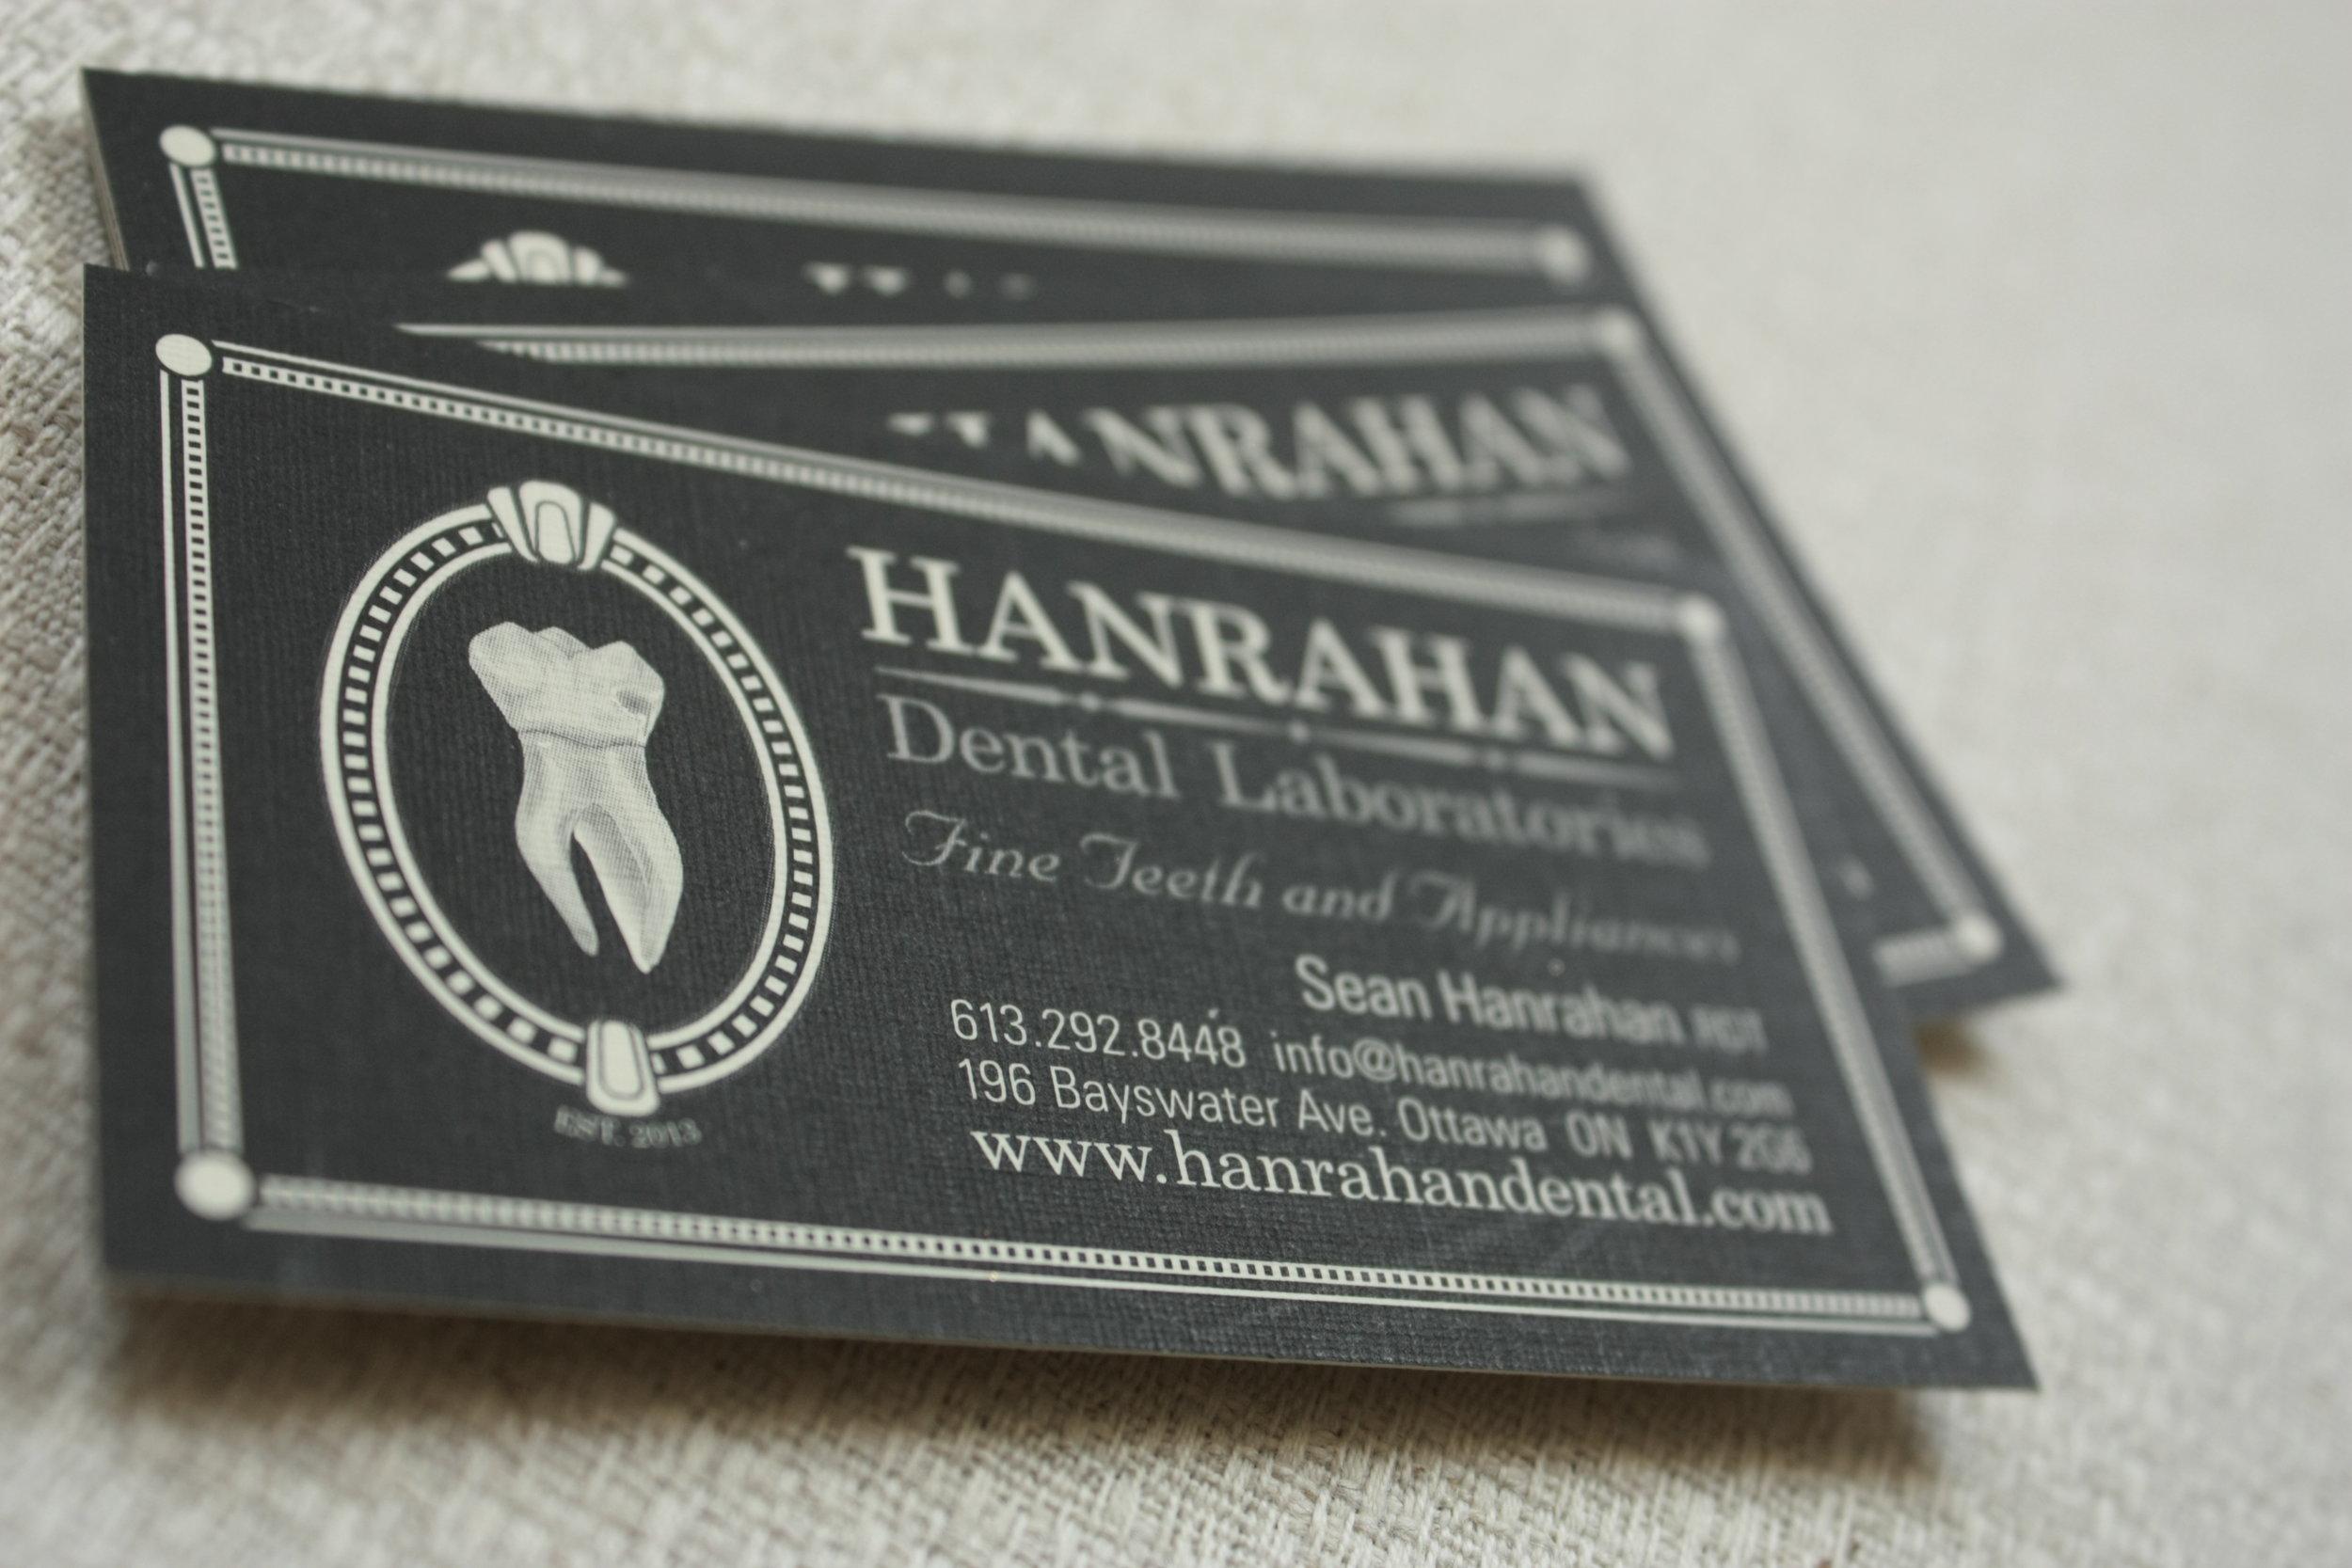 Hanrahan-Dental-Lab-Cards.jpg